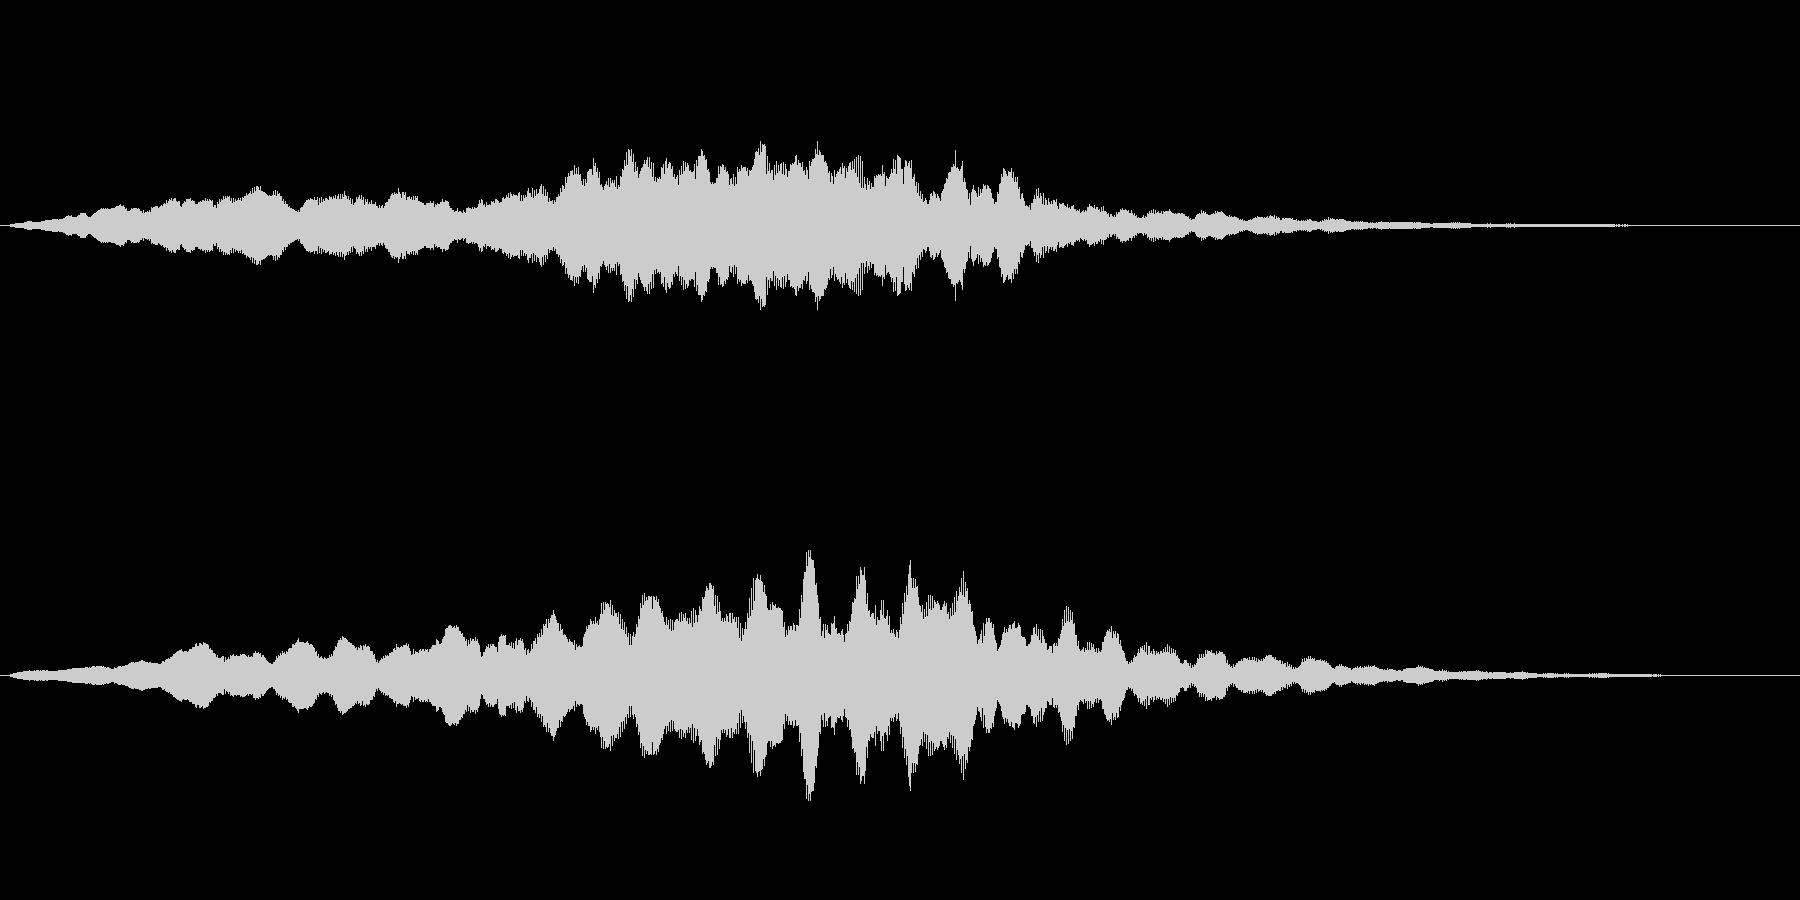 リラックスとしたバラードの未再生の波形